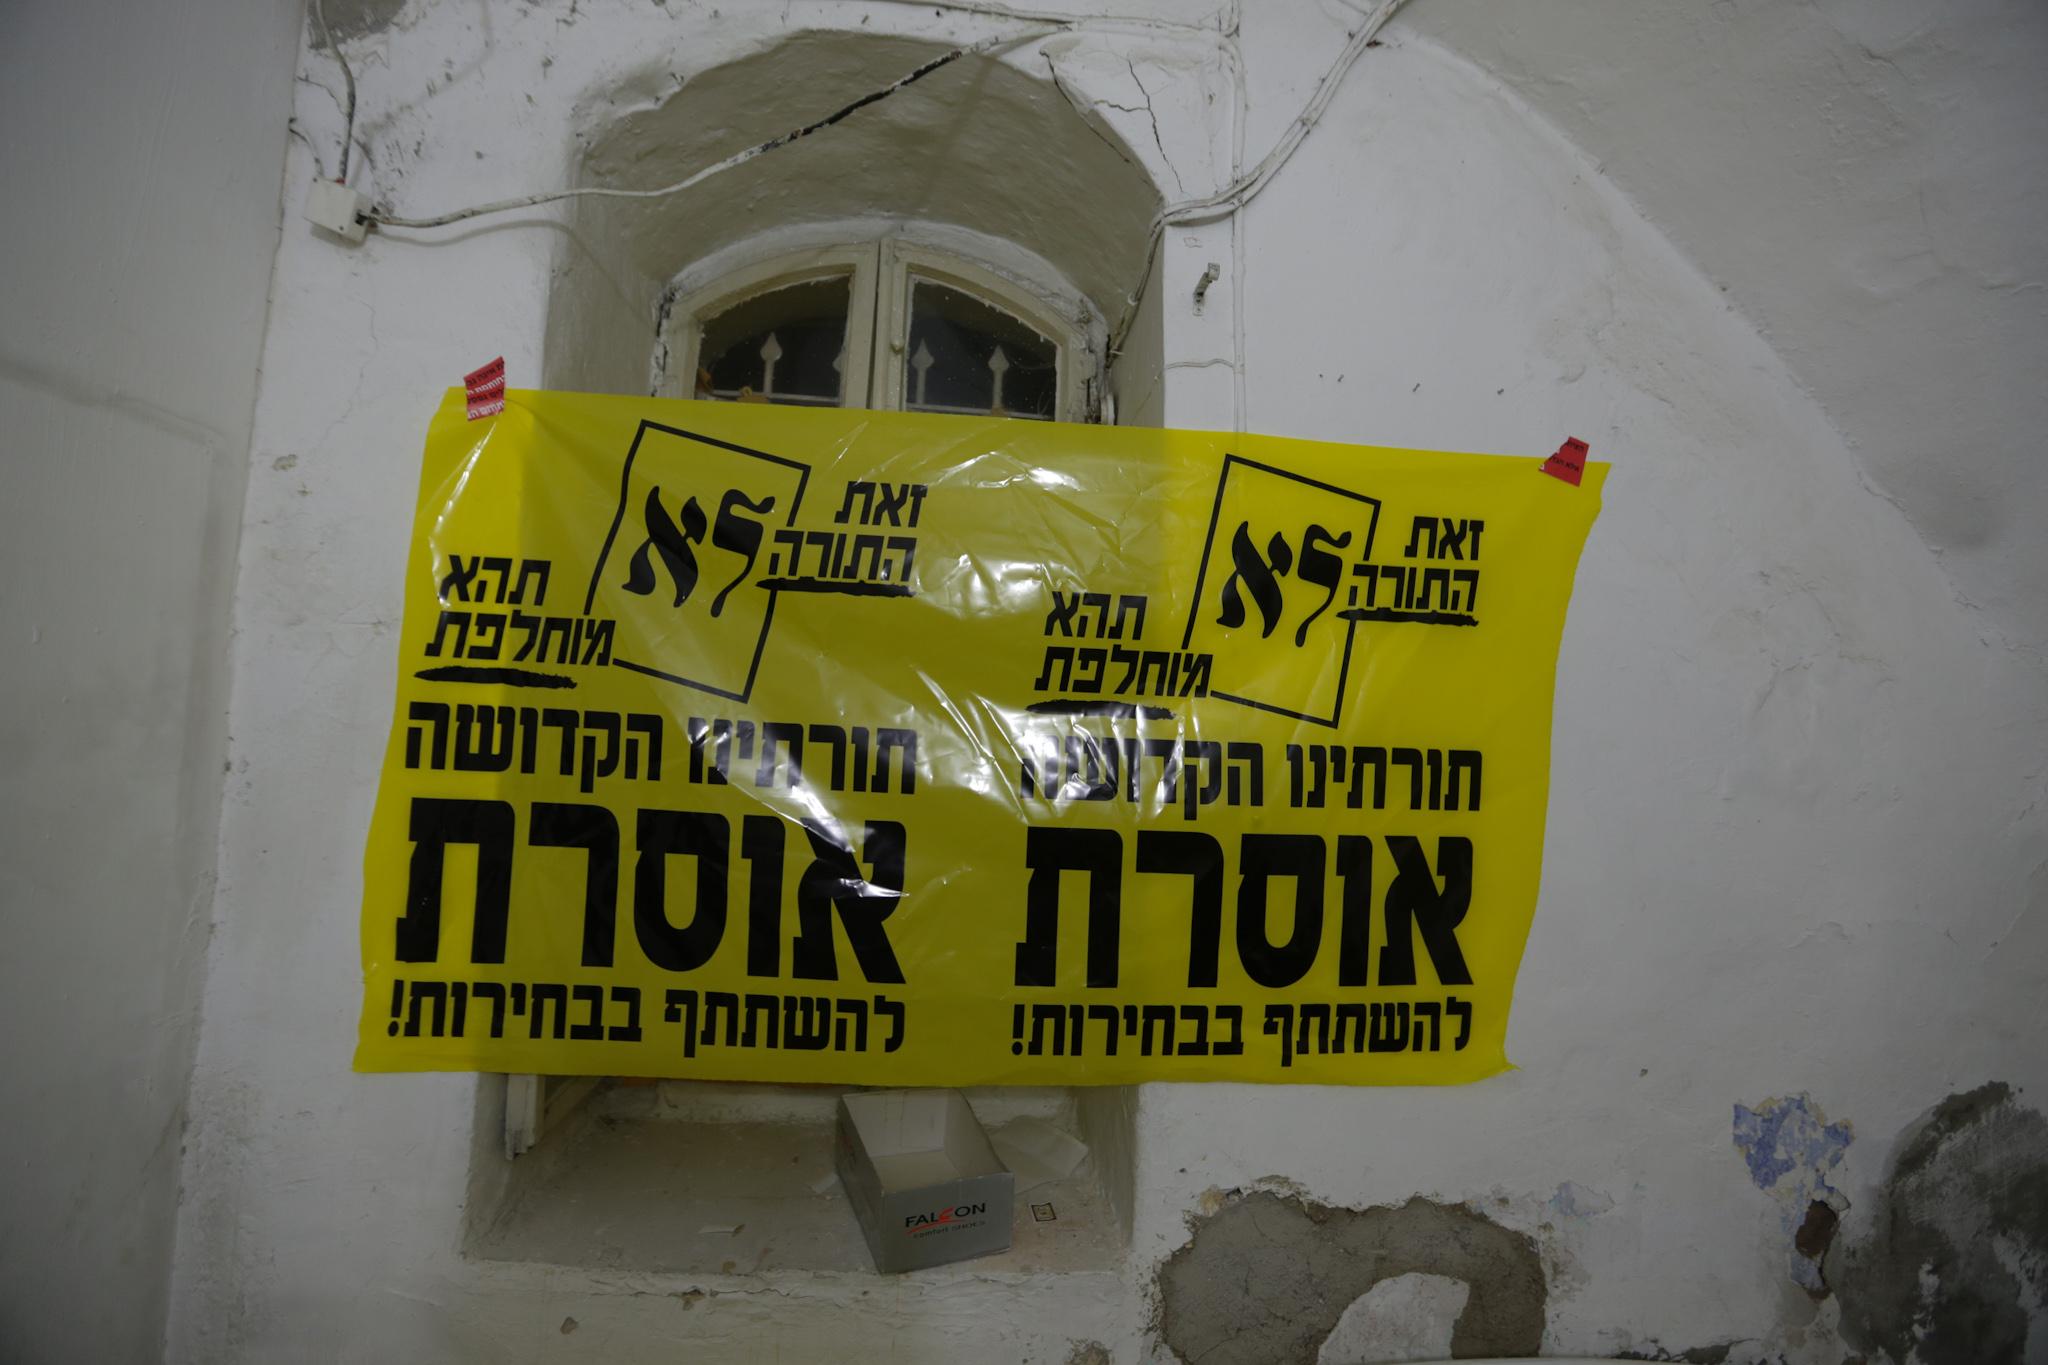 (צילום: חיים גולדברג/ כיכר השבת)